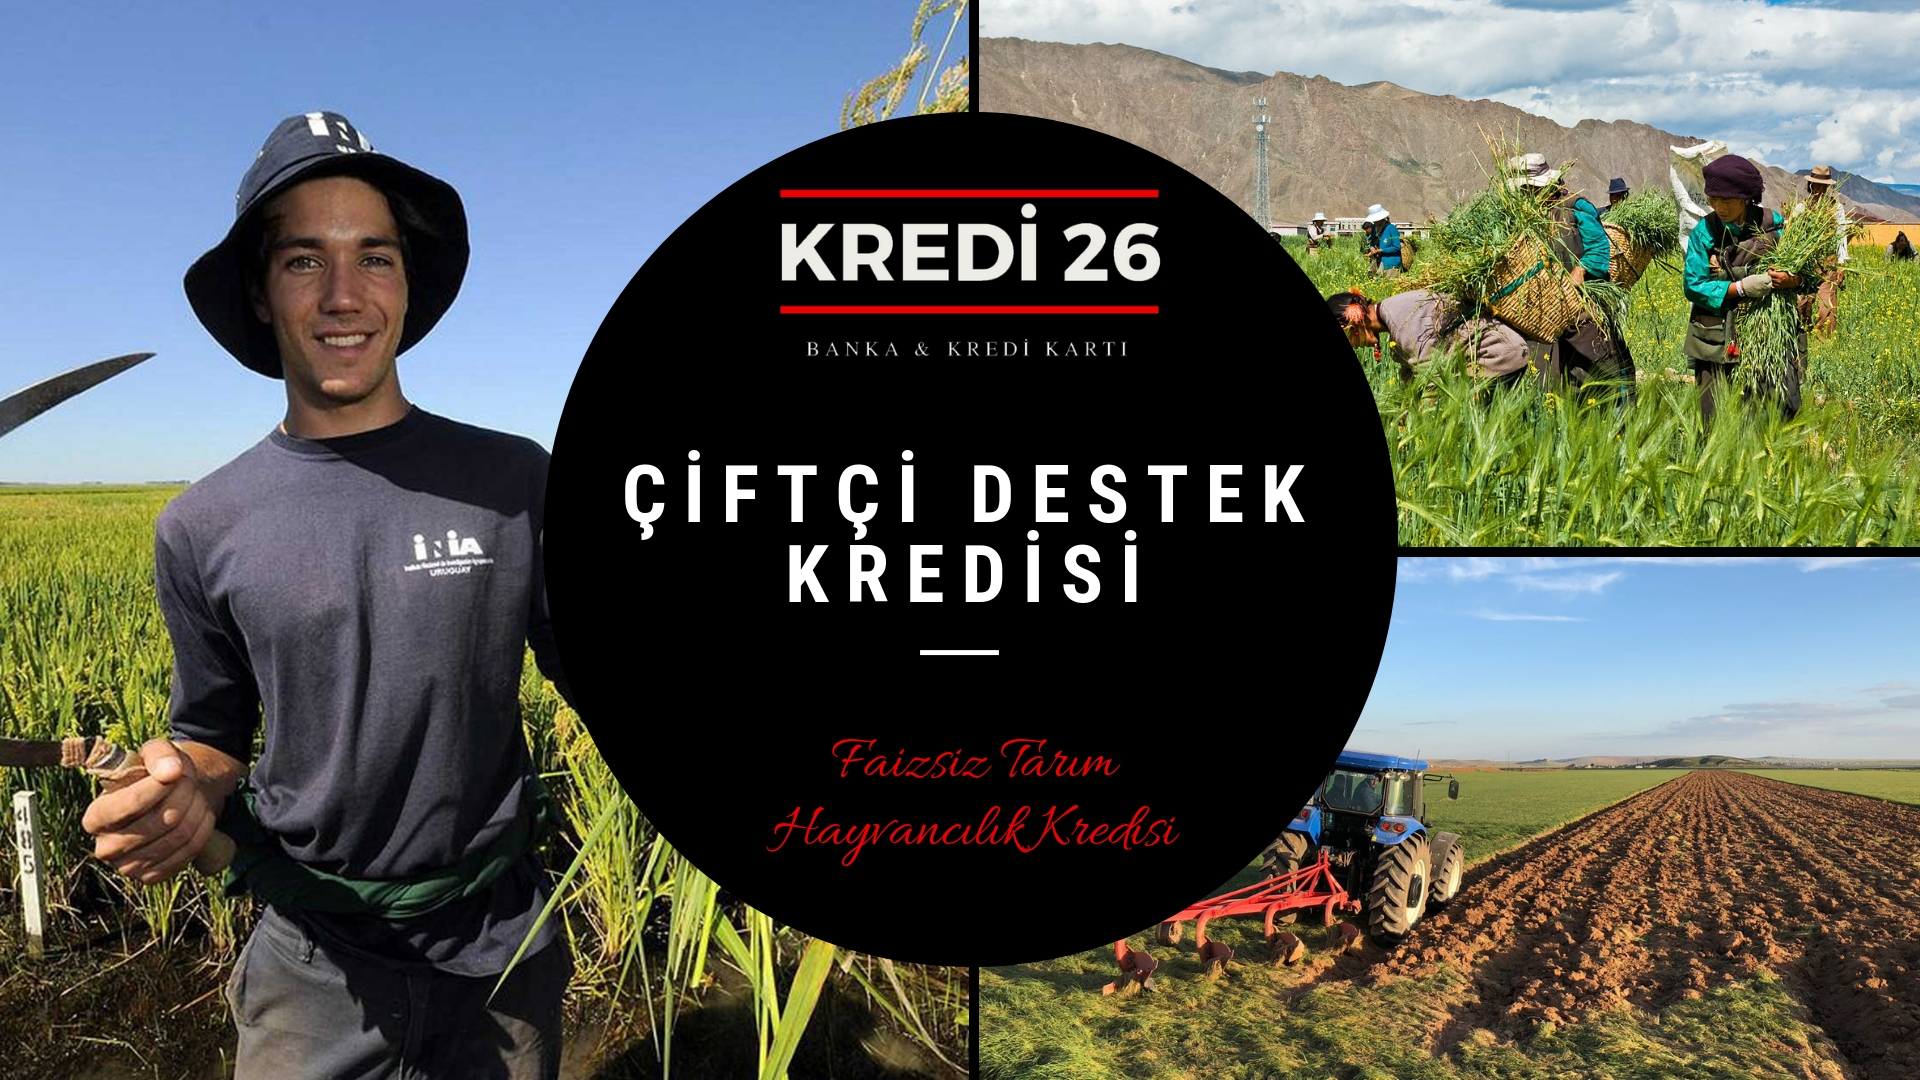 Faizsiz Çiftçi Kredisi Şartları, Genç Çiftçi Kredisi Ziraat Bankası